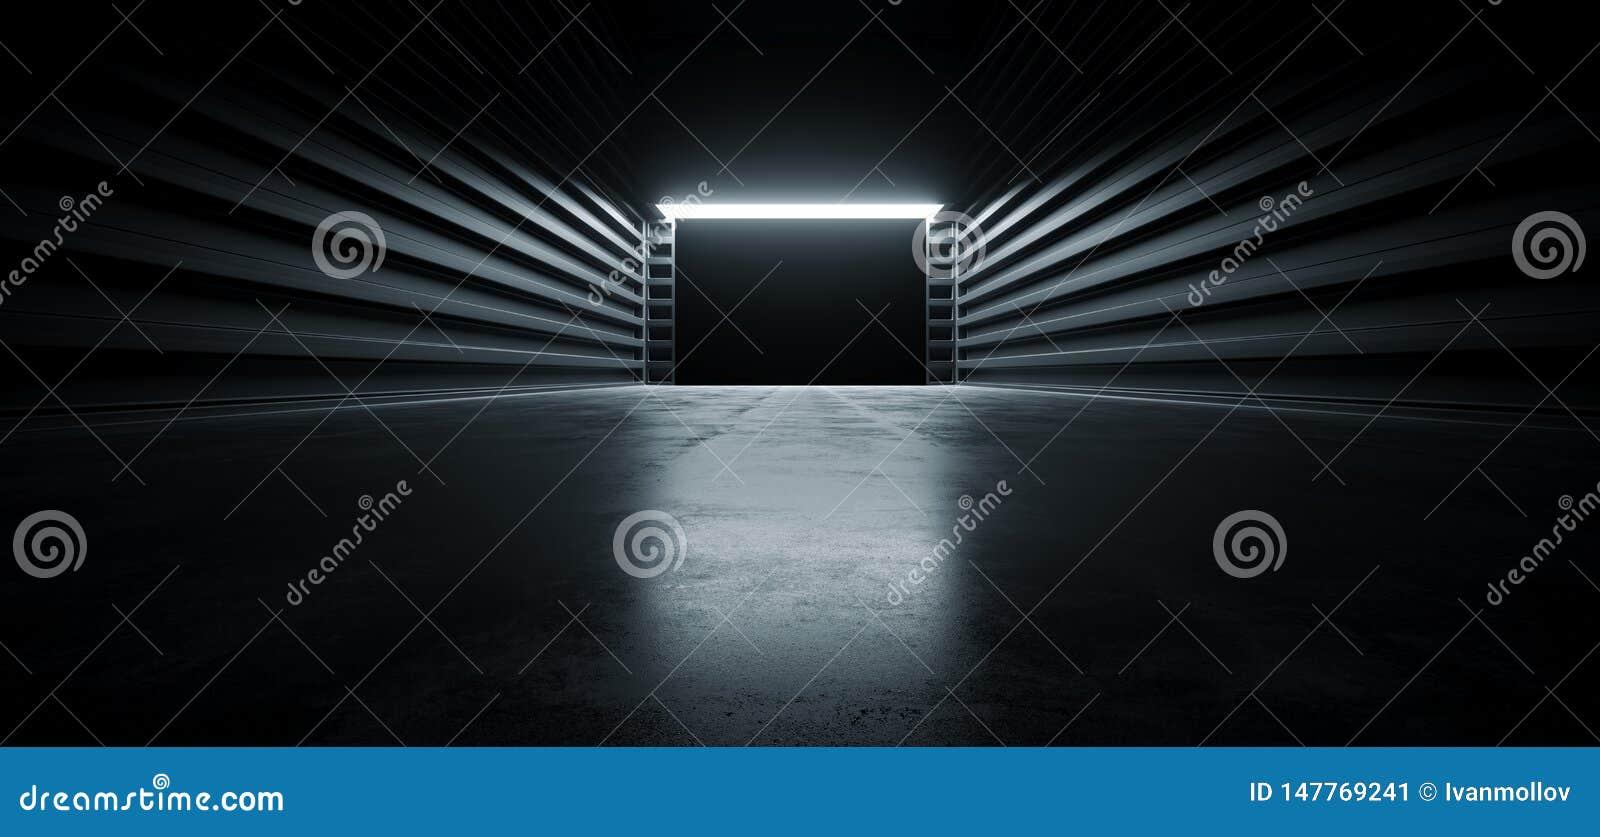 Зарево темного кинематографического футуристического современного космоса Grunge металла коридора тоннеля выставочного зала гараж